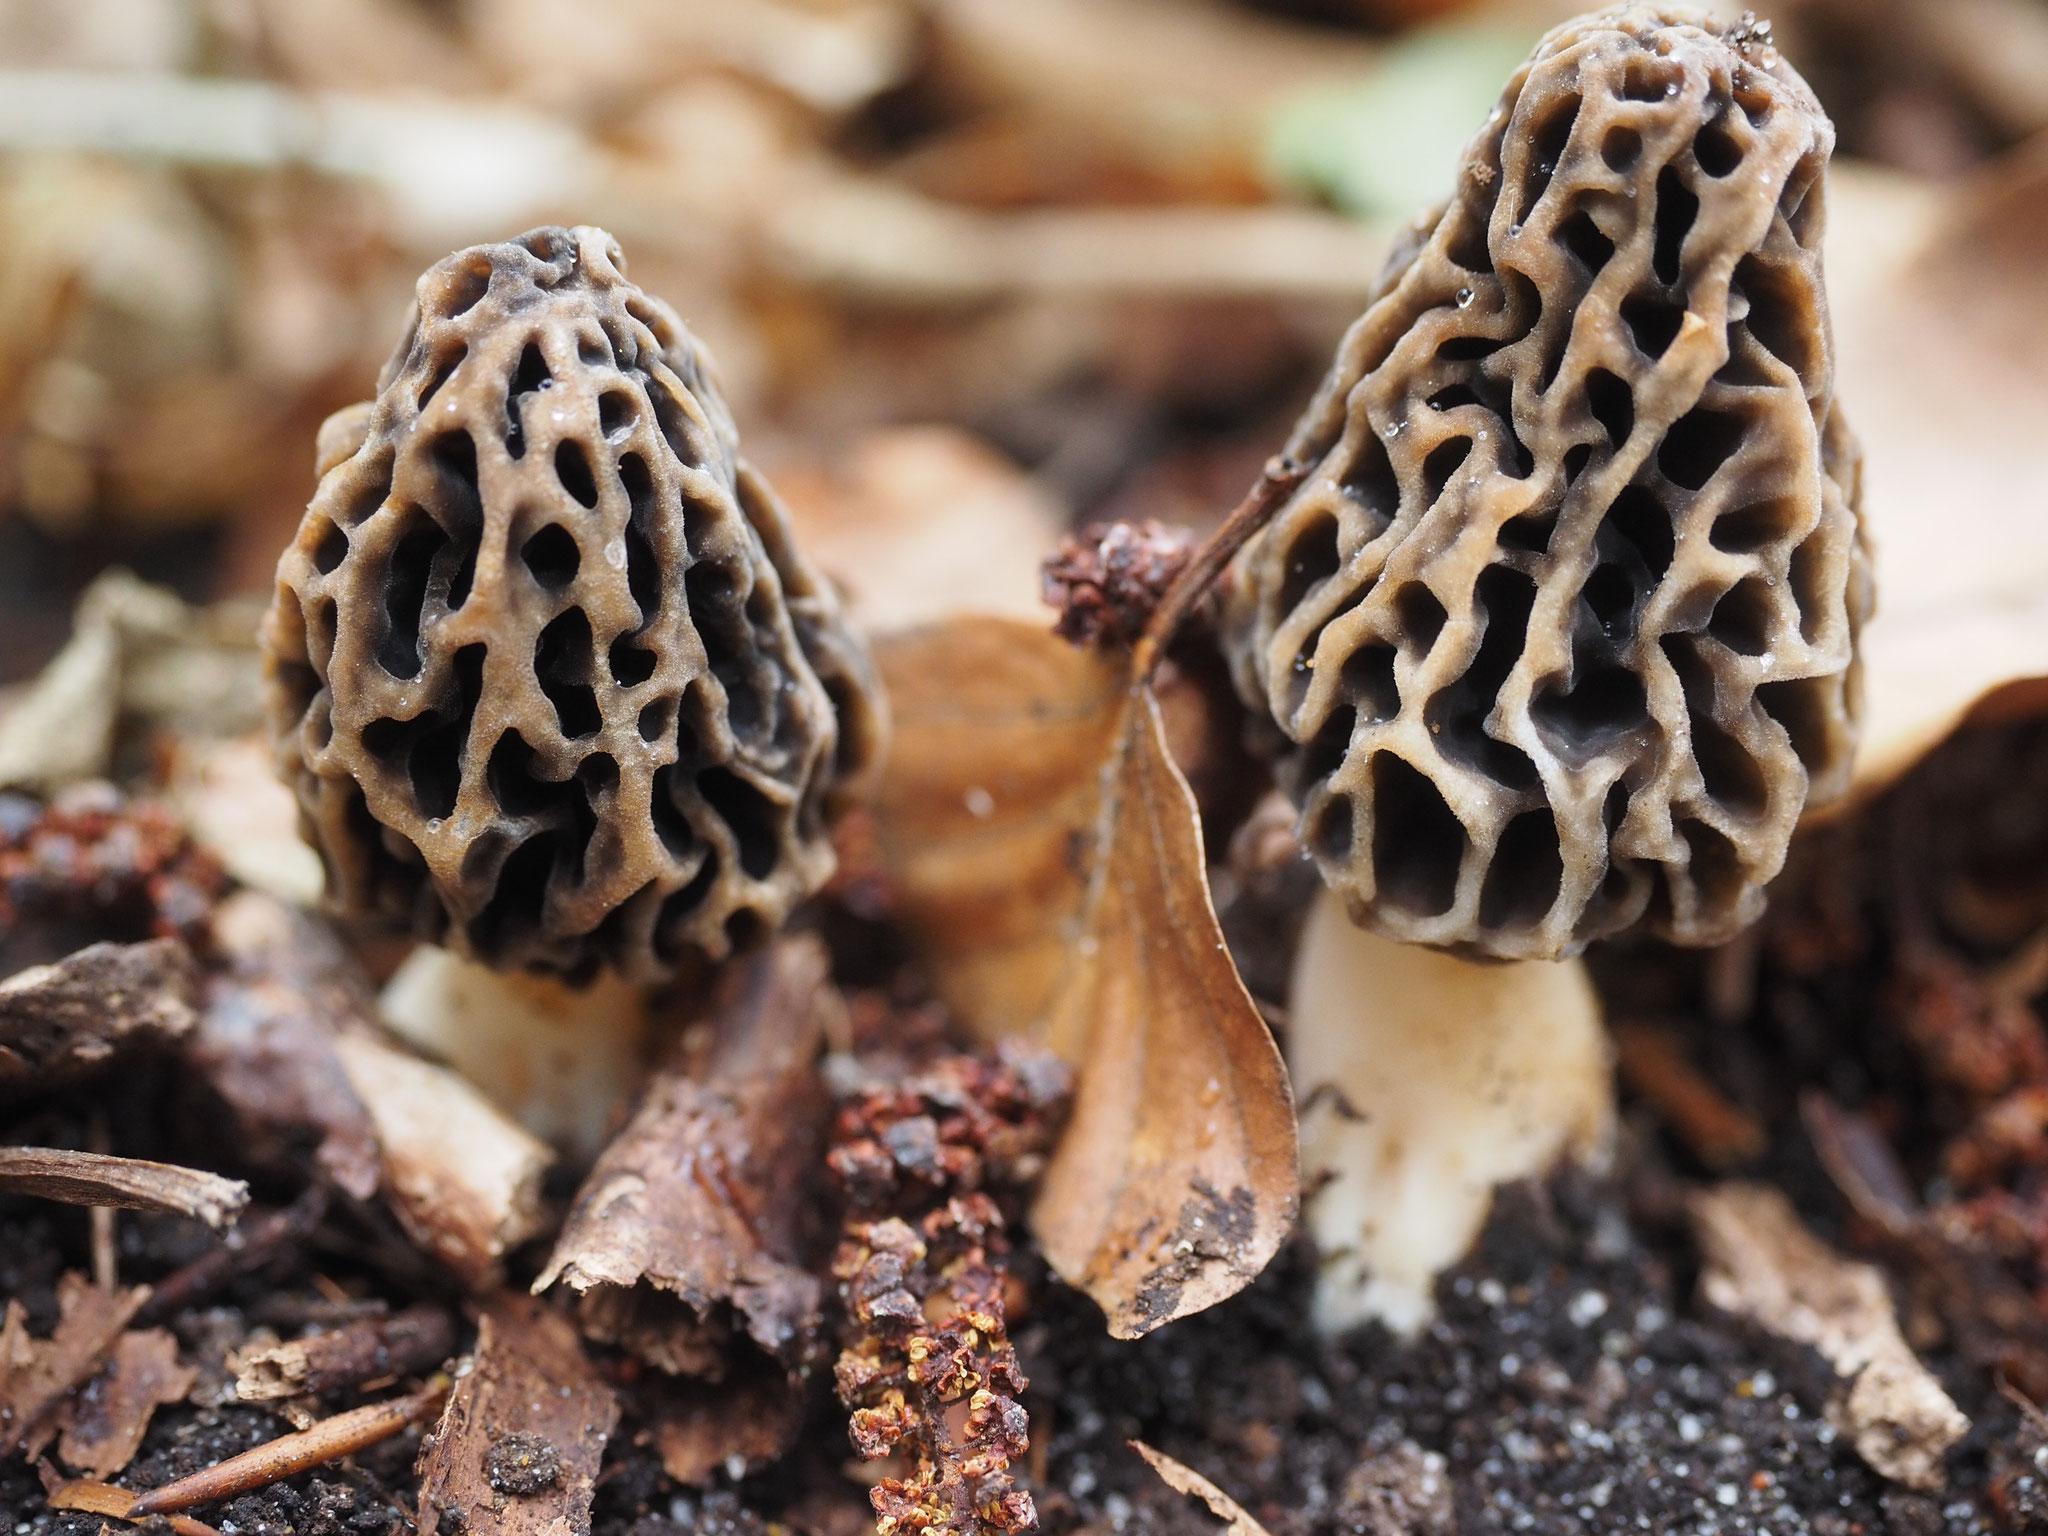 Speisemorchel (Morchella esculenta)